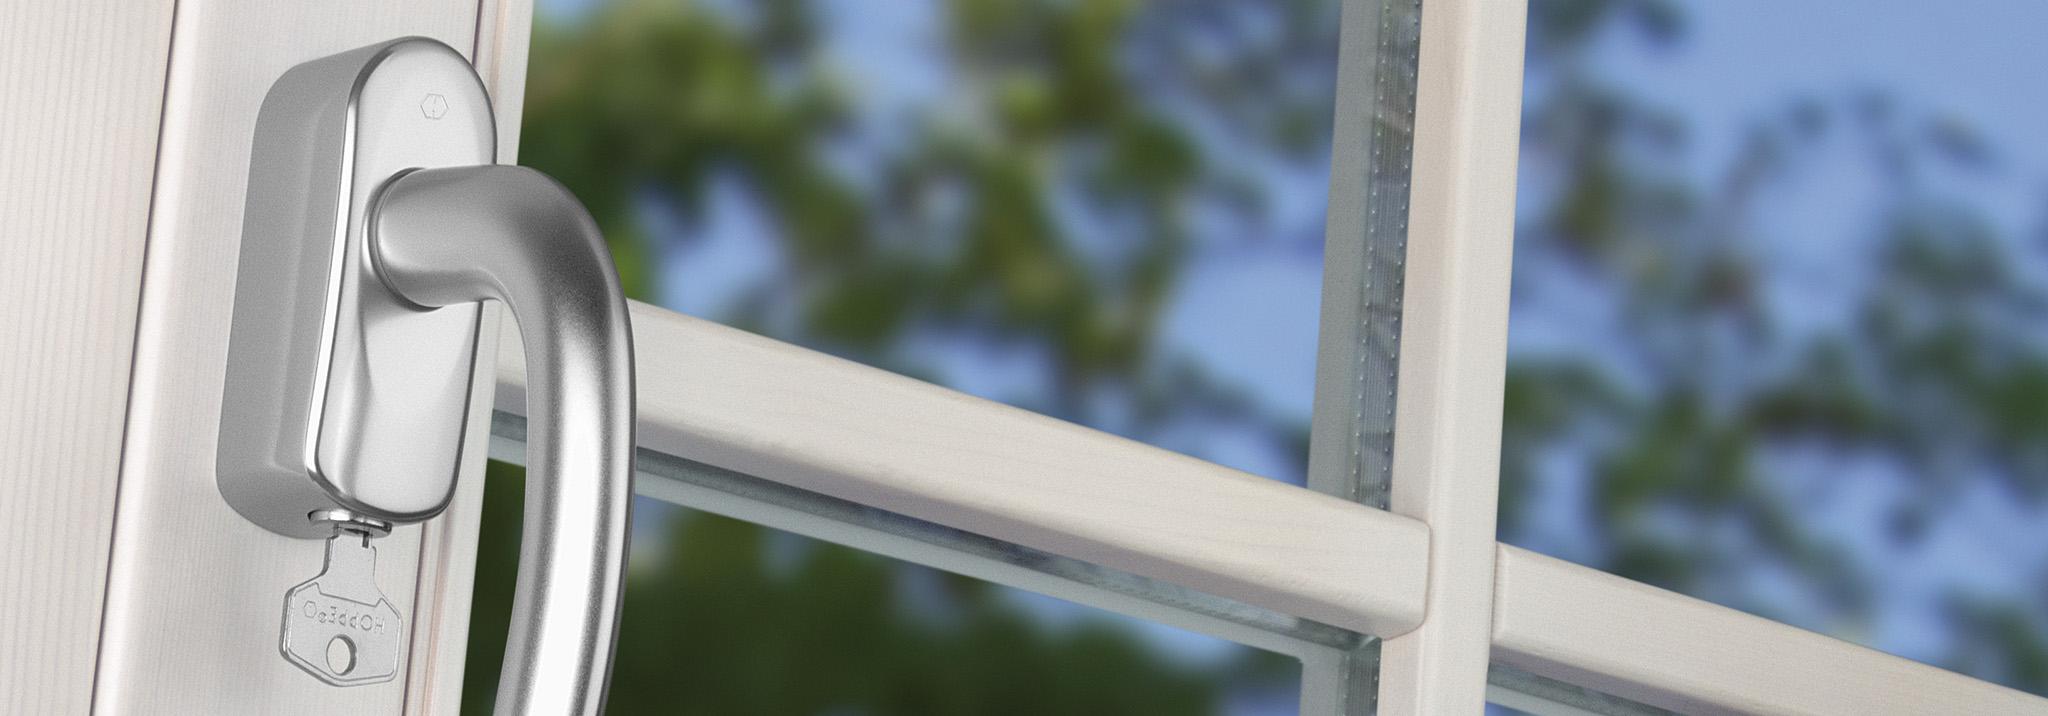 Seguro e individual: manillas para ventanas con SecuSelect®